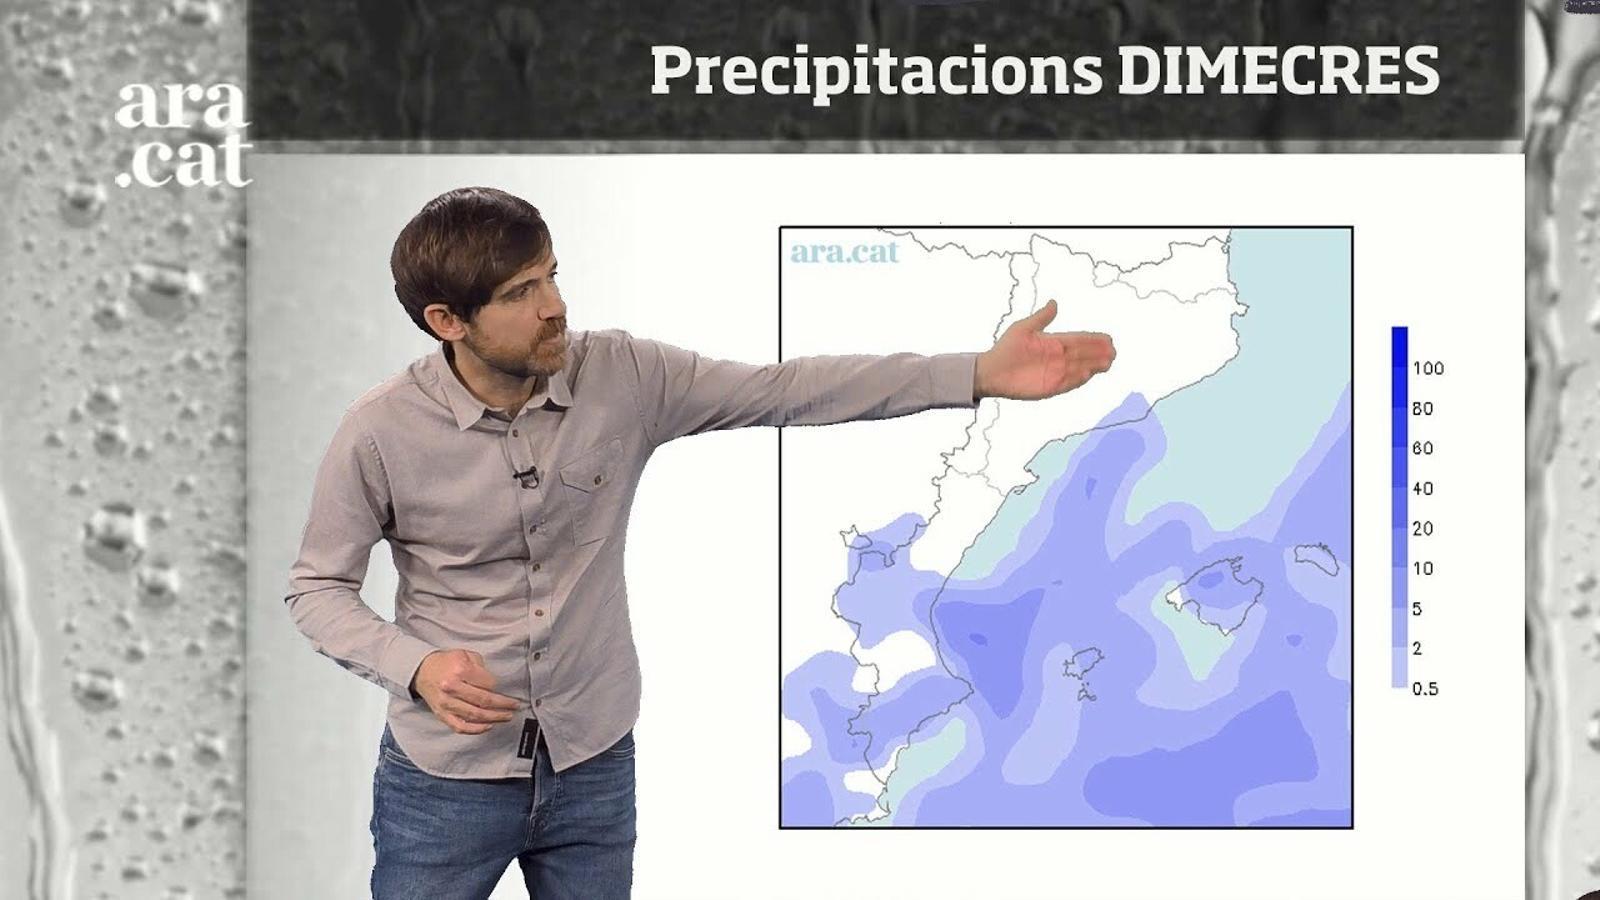 La méteo en 1 minut: l'últim dia d'hivern encara serà hivernal